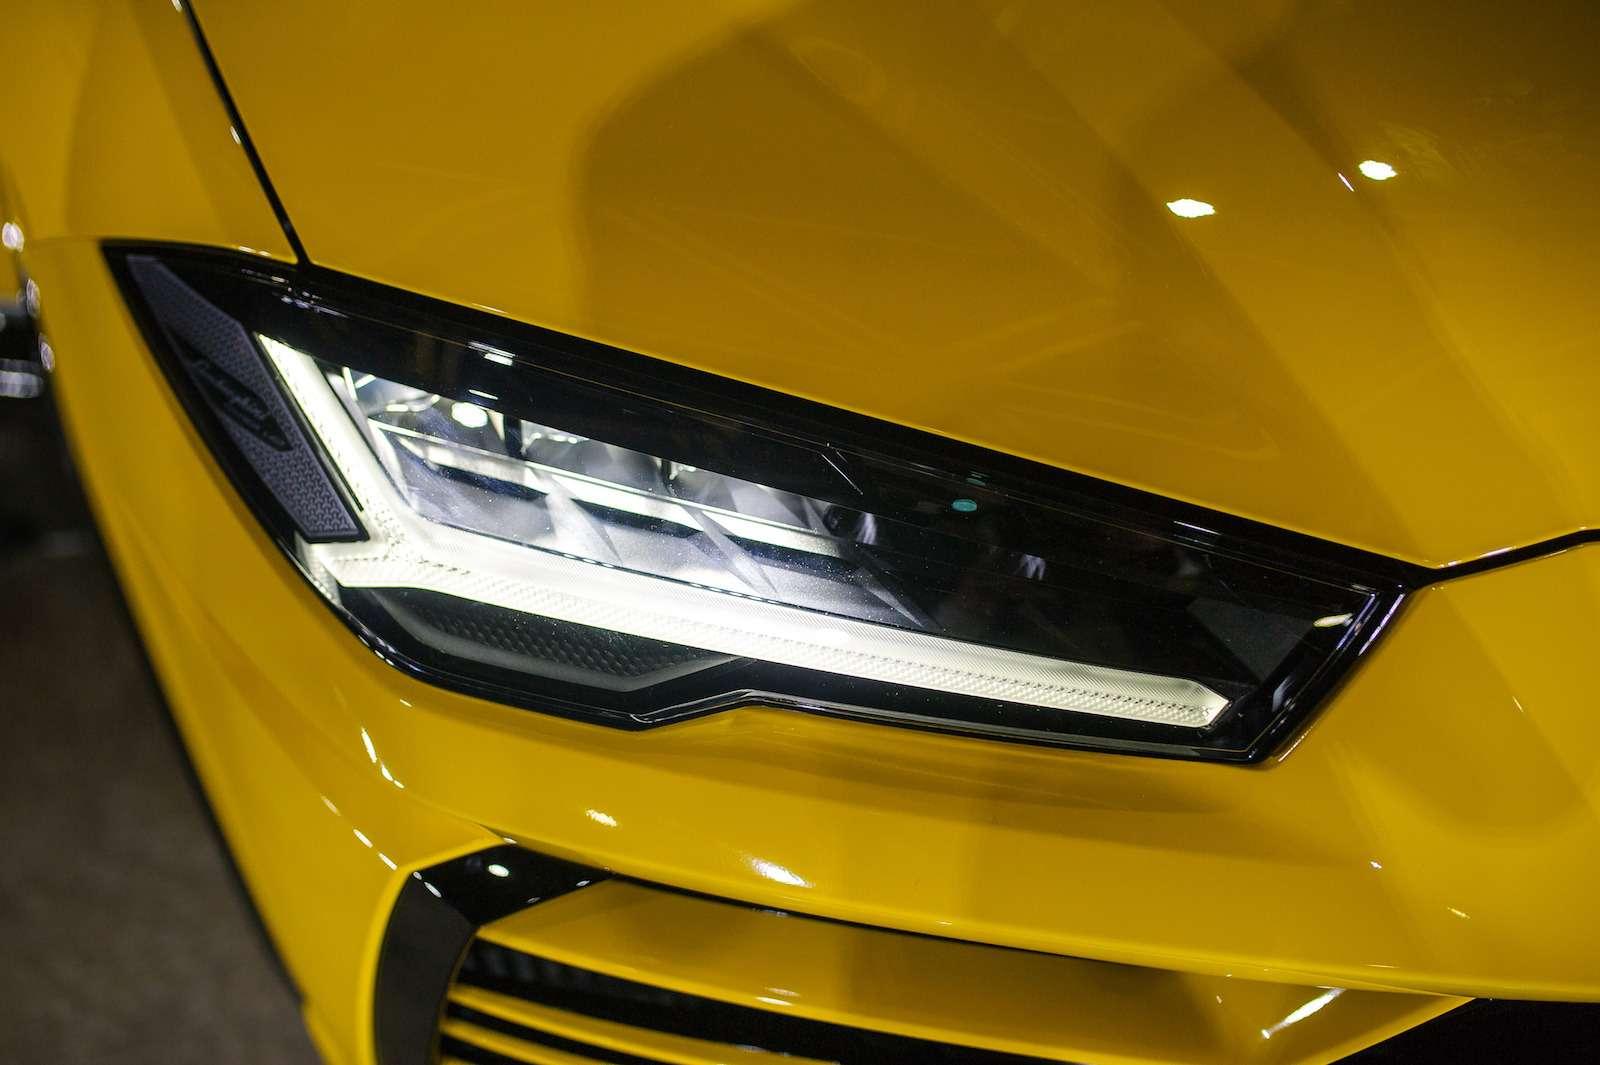 Lamborghini привезла вРоссию автомобиль, который не боится «лежачих полицейских»— фото 845785